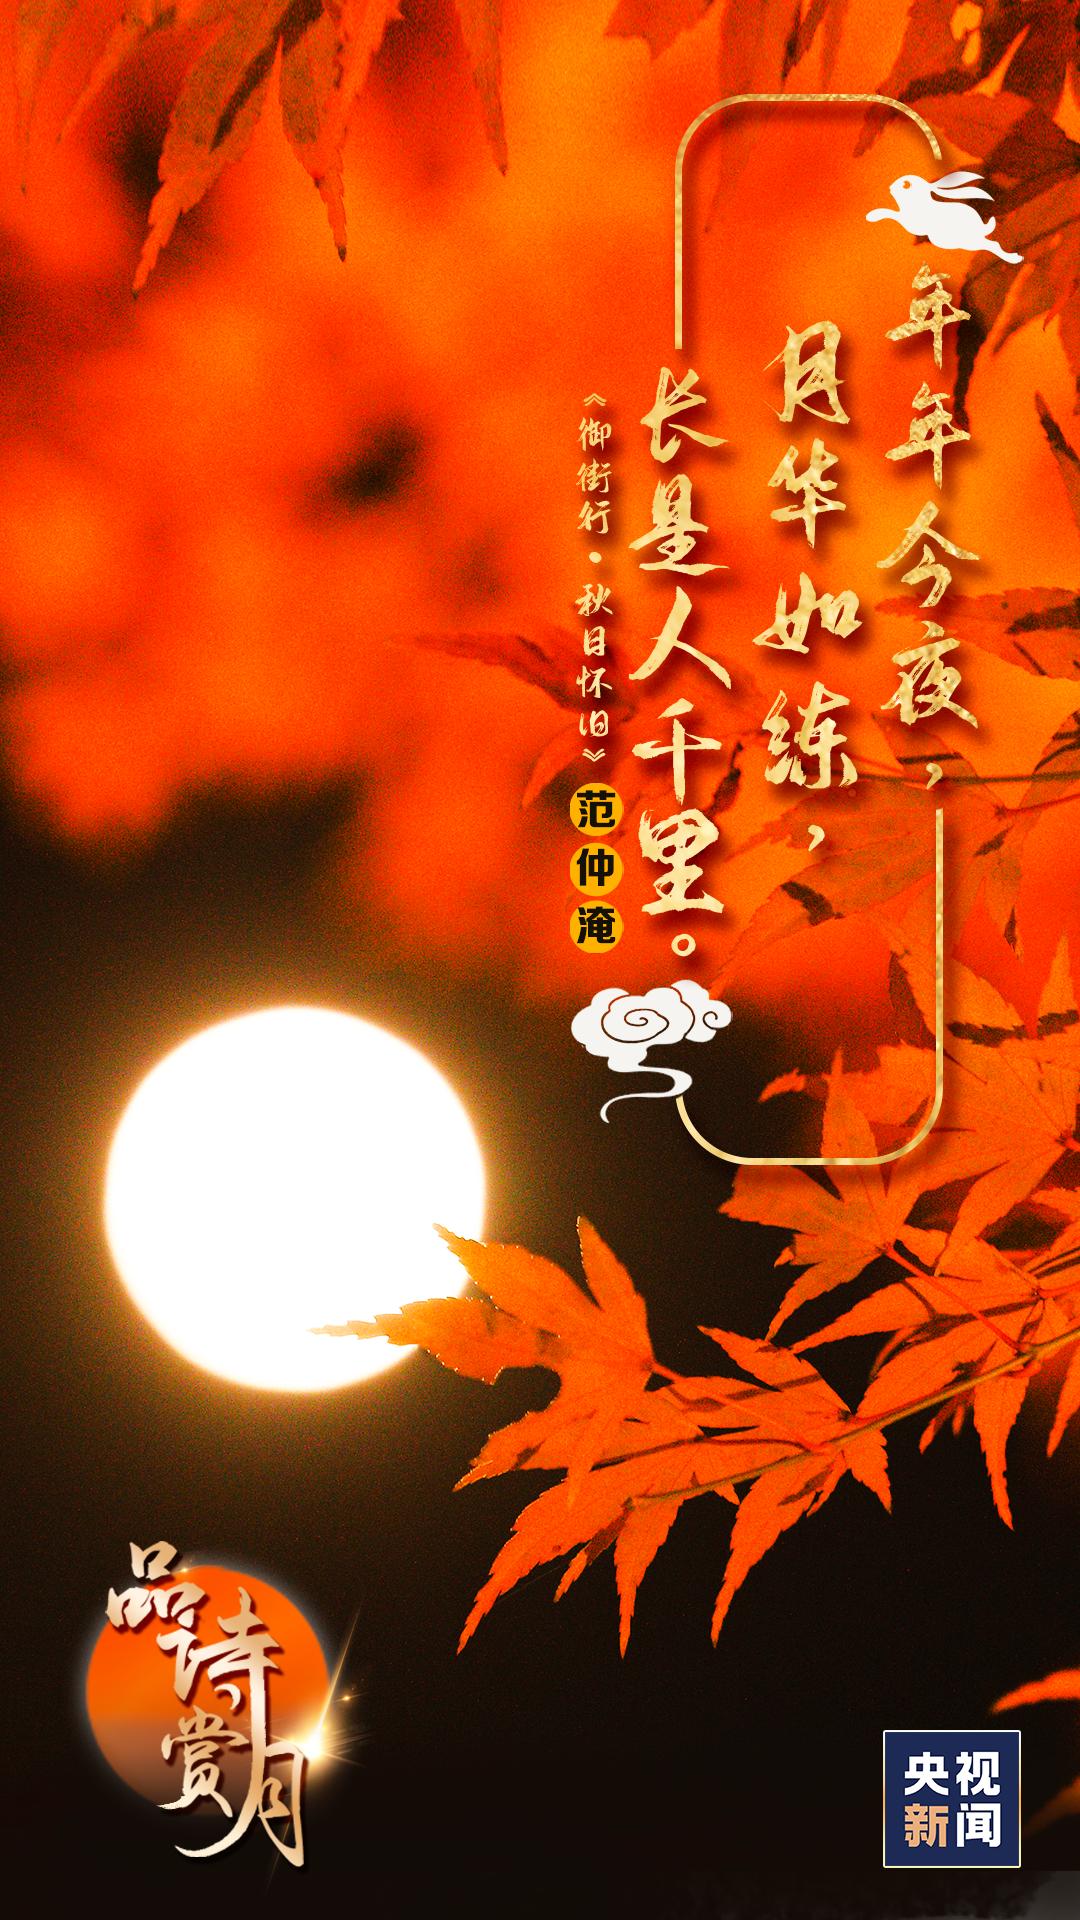 今天,品诗赏月人团圆,这些中秋诗词,美到极致-小苏-每日微信精选